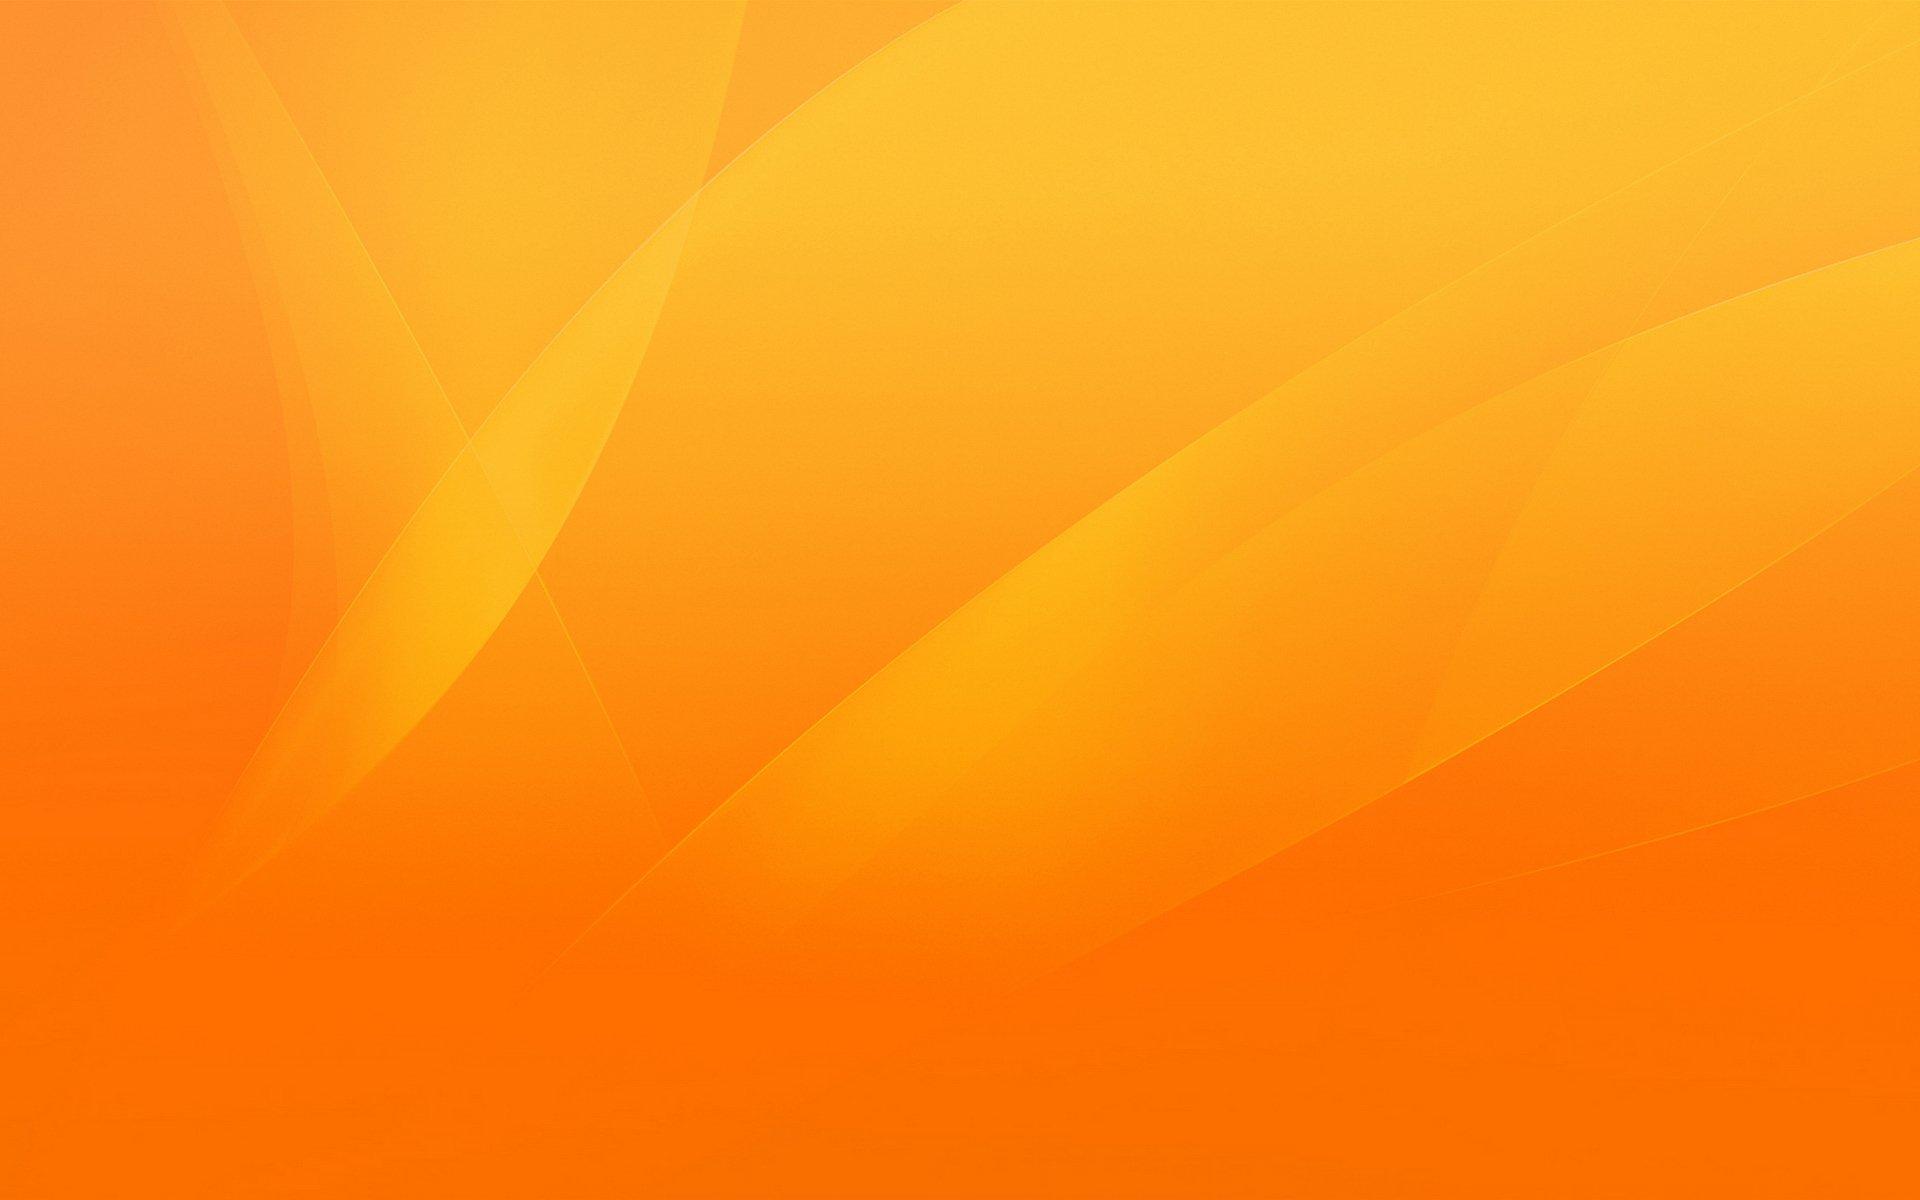 Naranja Fondo De Pantalla HD